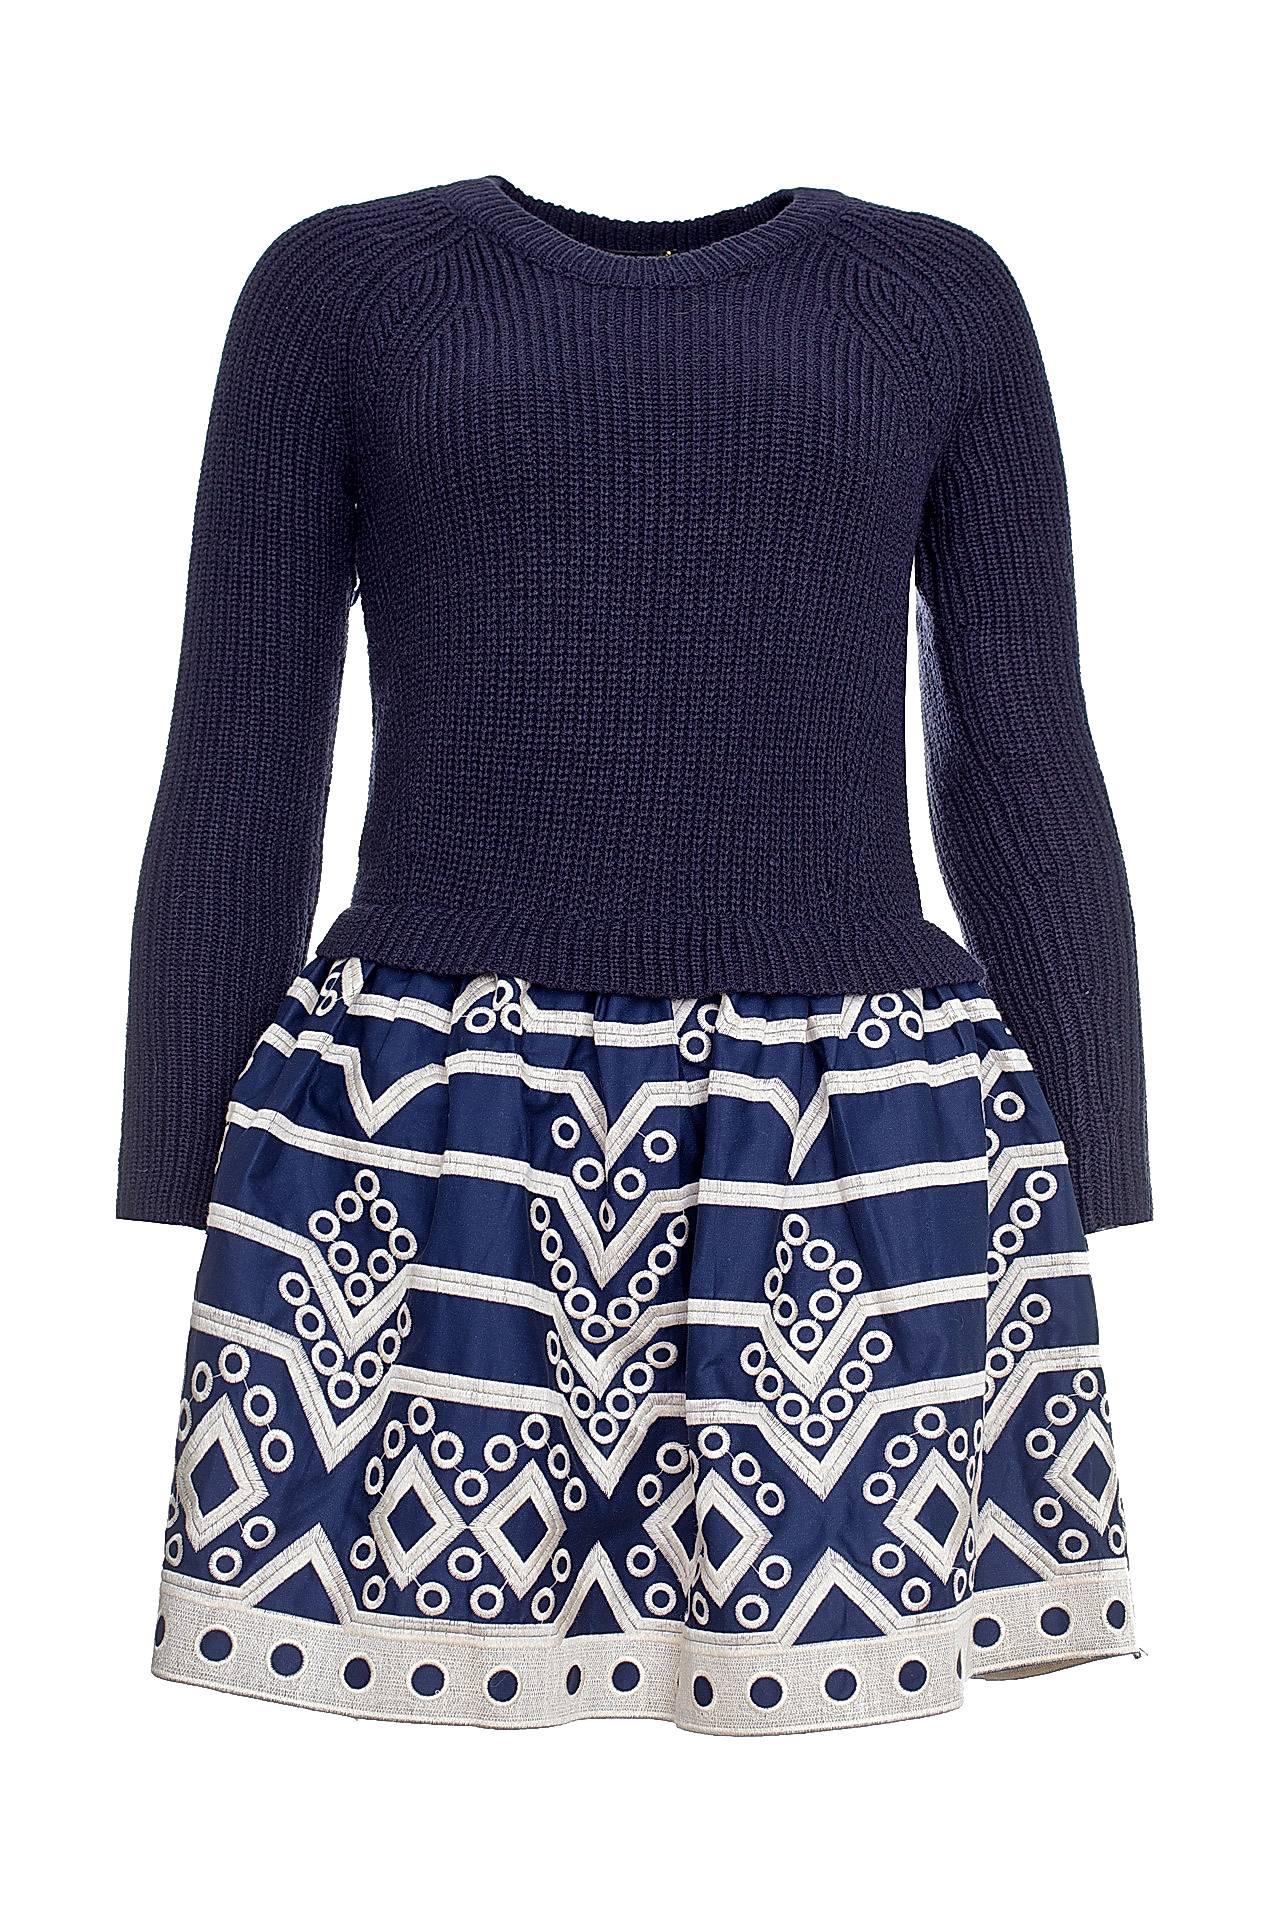 купить Платье LETICIA MILANO по цене 7326 рублей